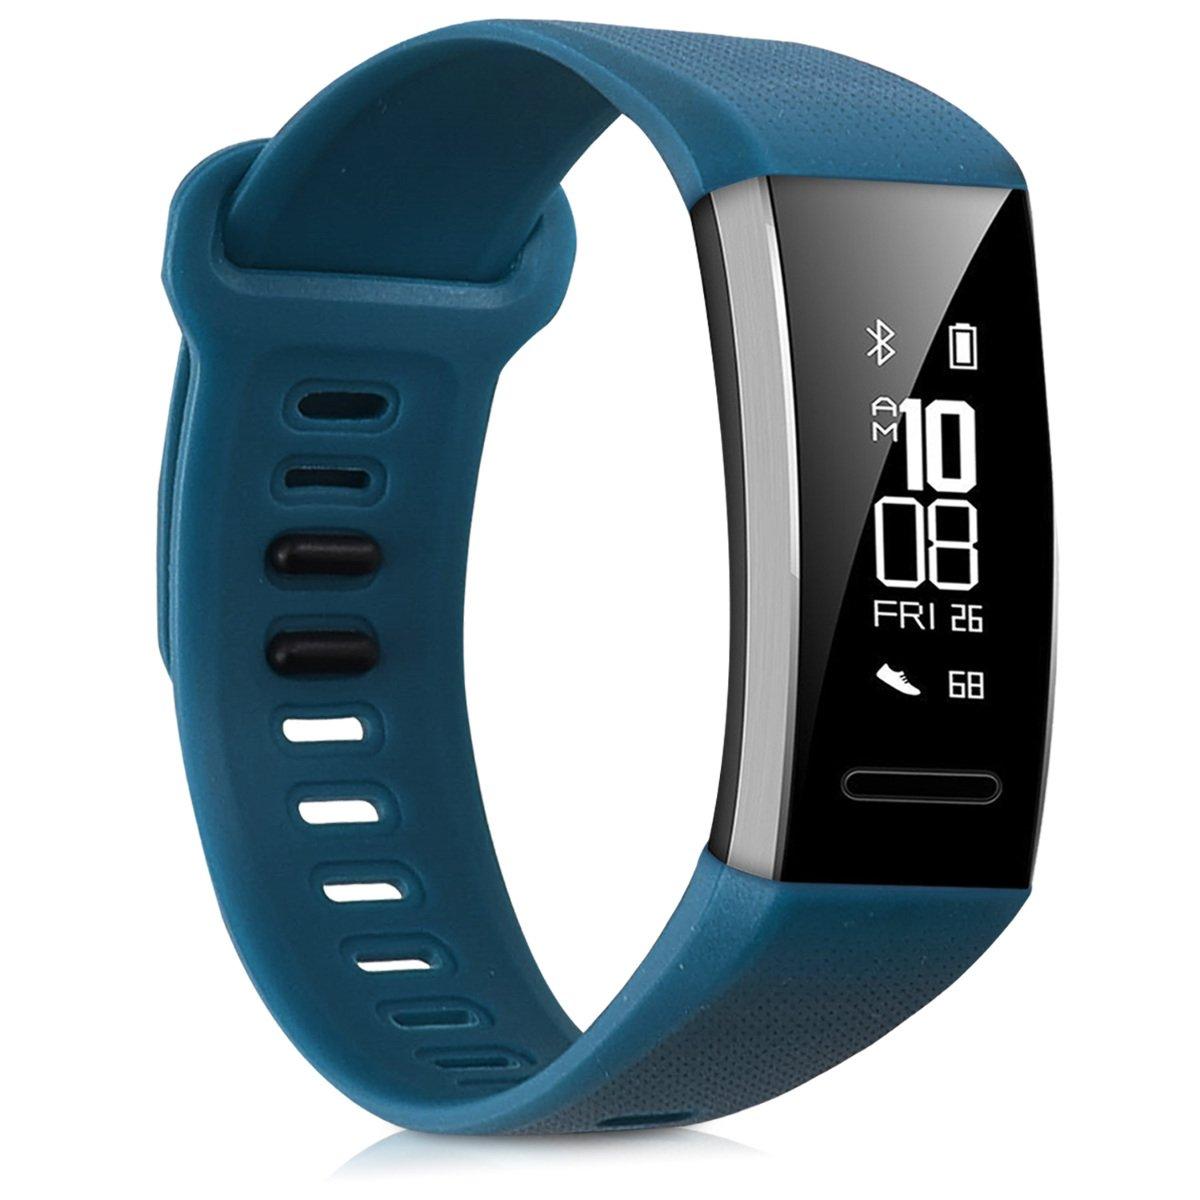 Set 2X Bracelet de Rechange en Silicone pour Fitness Tracker Huawei Band 2 Band 2 Pro kwmobile Bracelet Huawei Band 2 Band 2 Pro